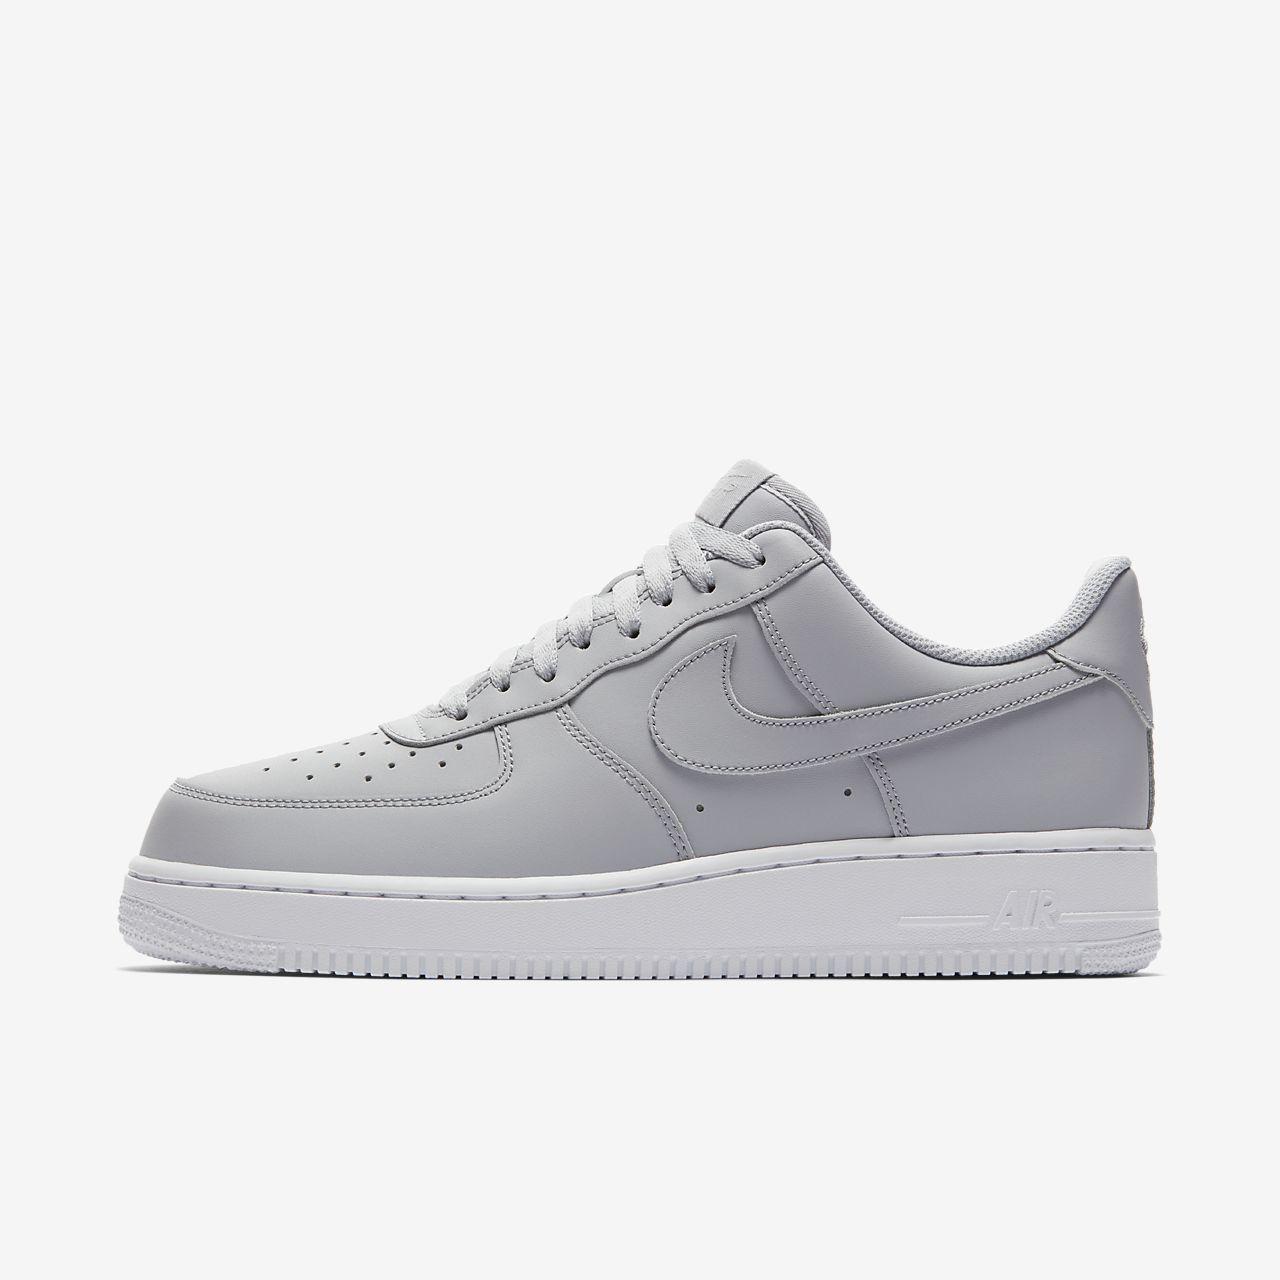 ... Nike Air Force 1 07 Men's Shoe